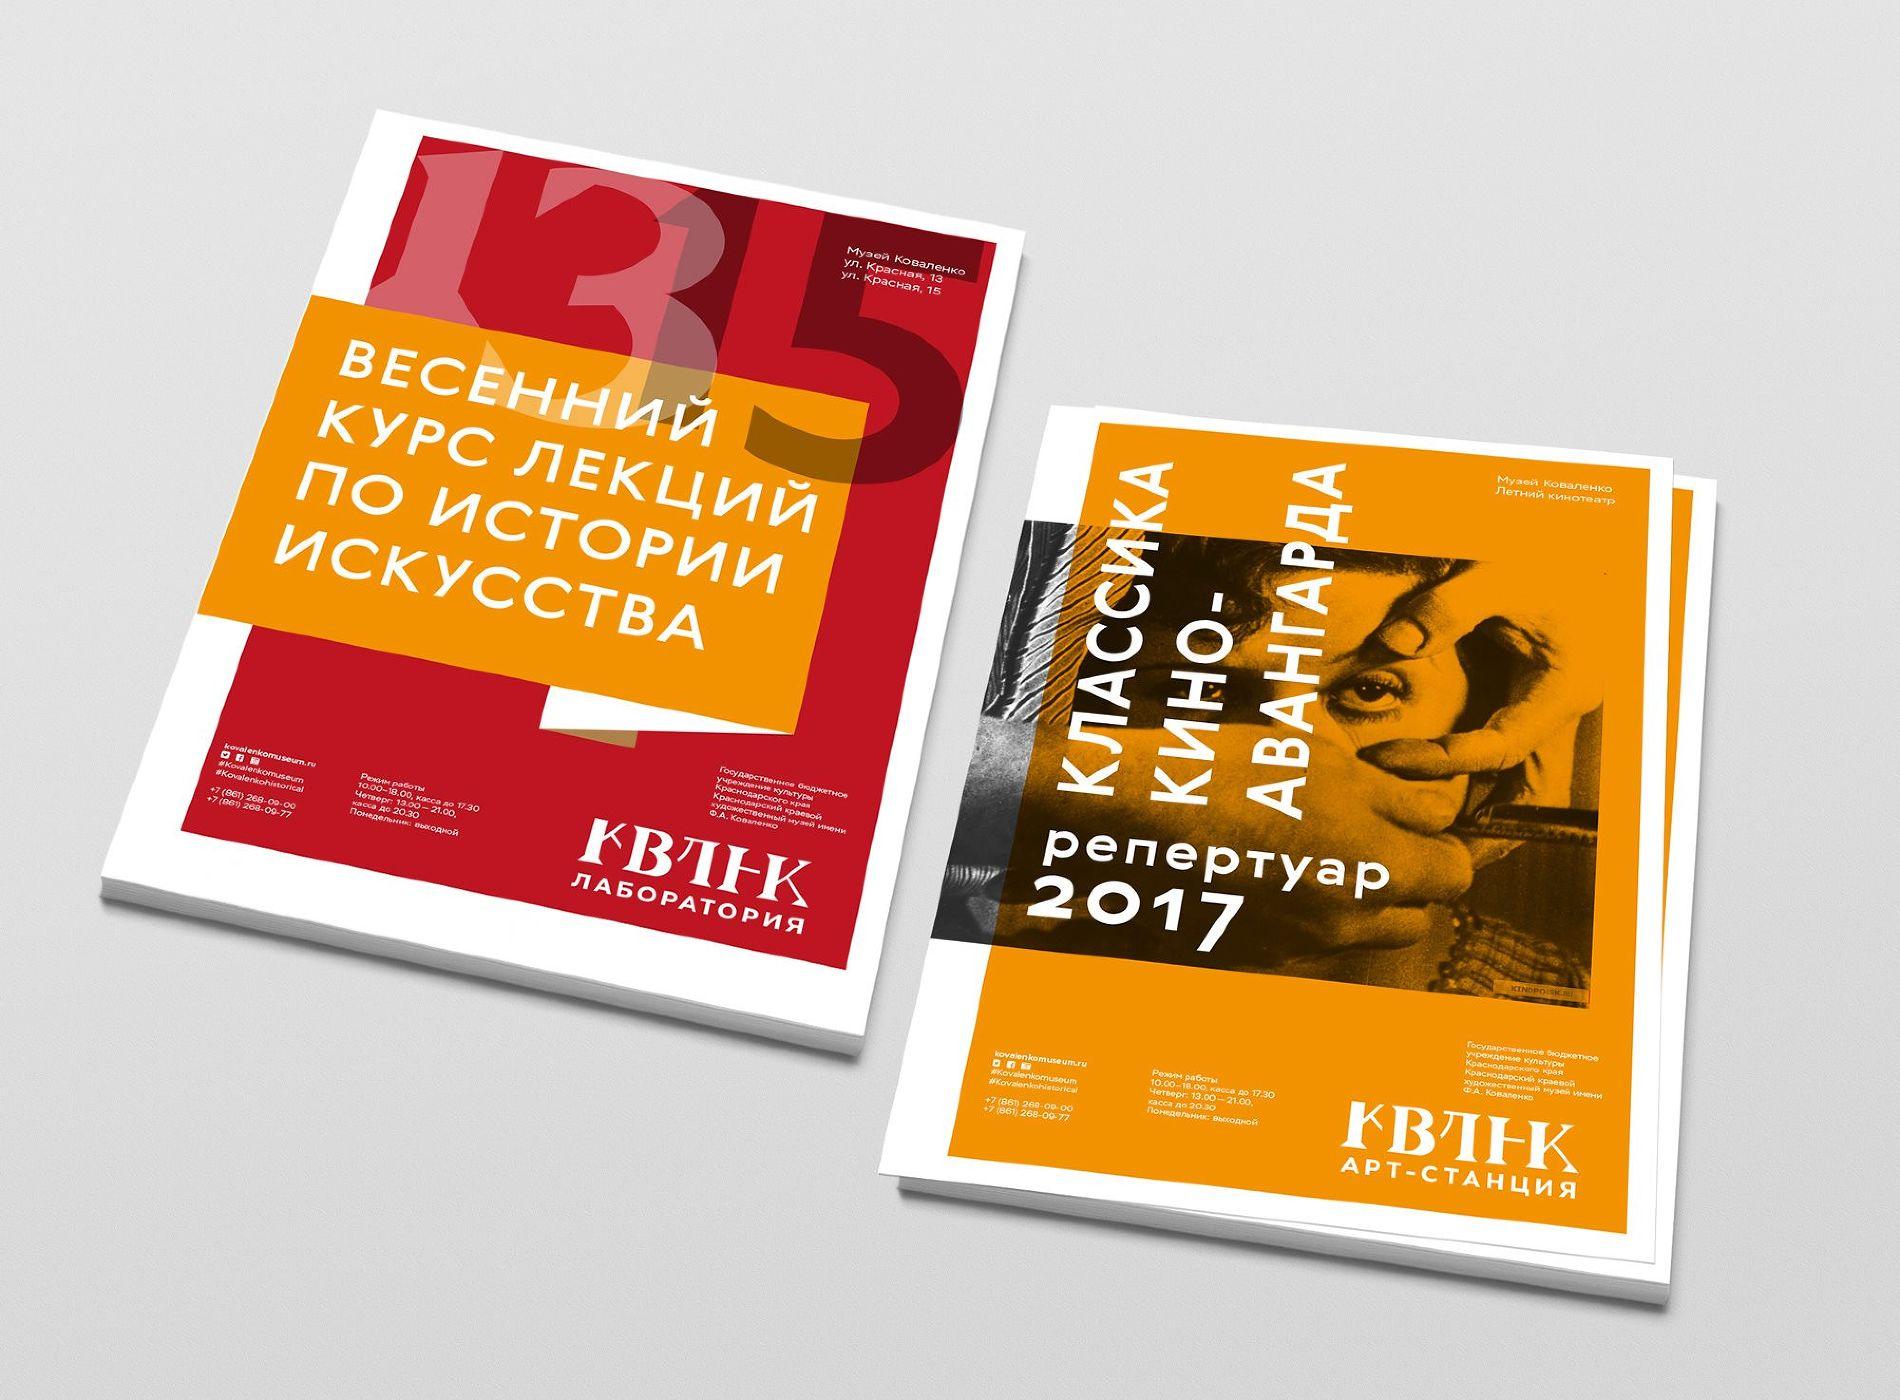 Фирменный стиль музея Коваленко ©Фото предоставлено The Artivist